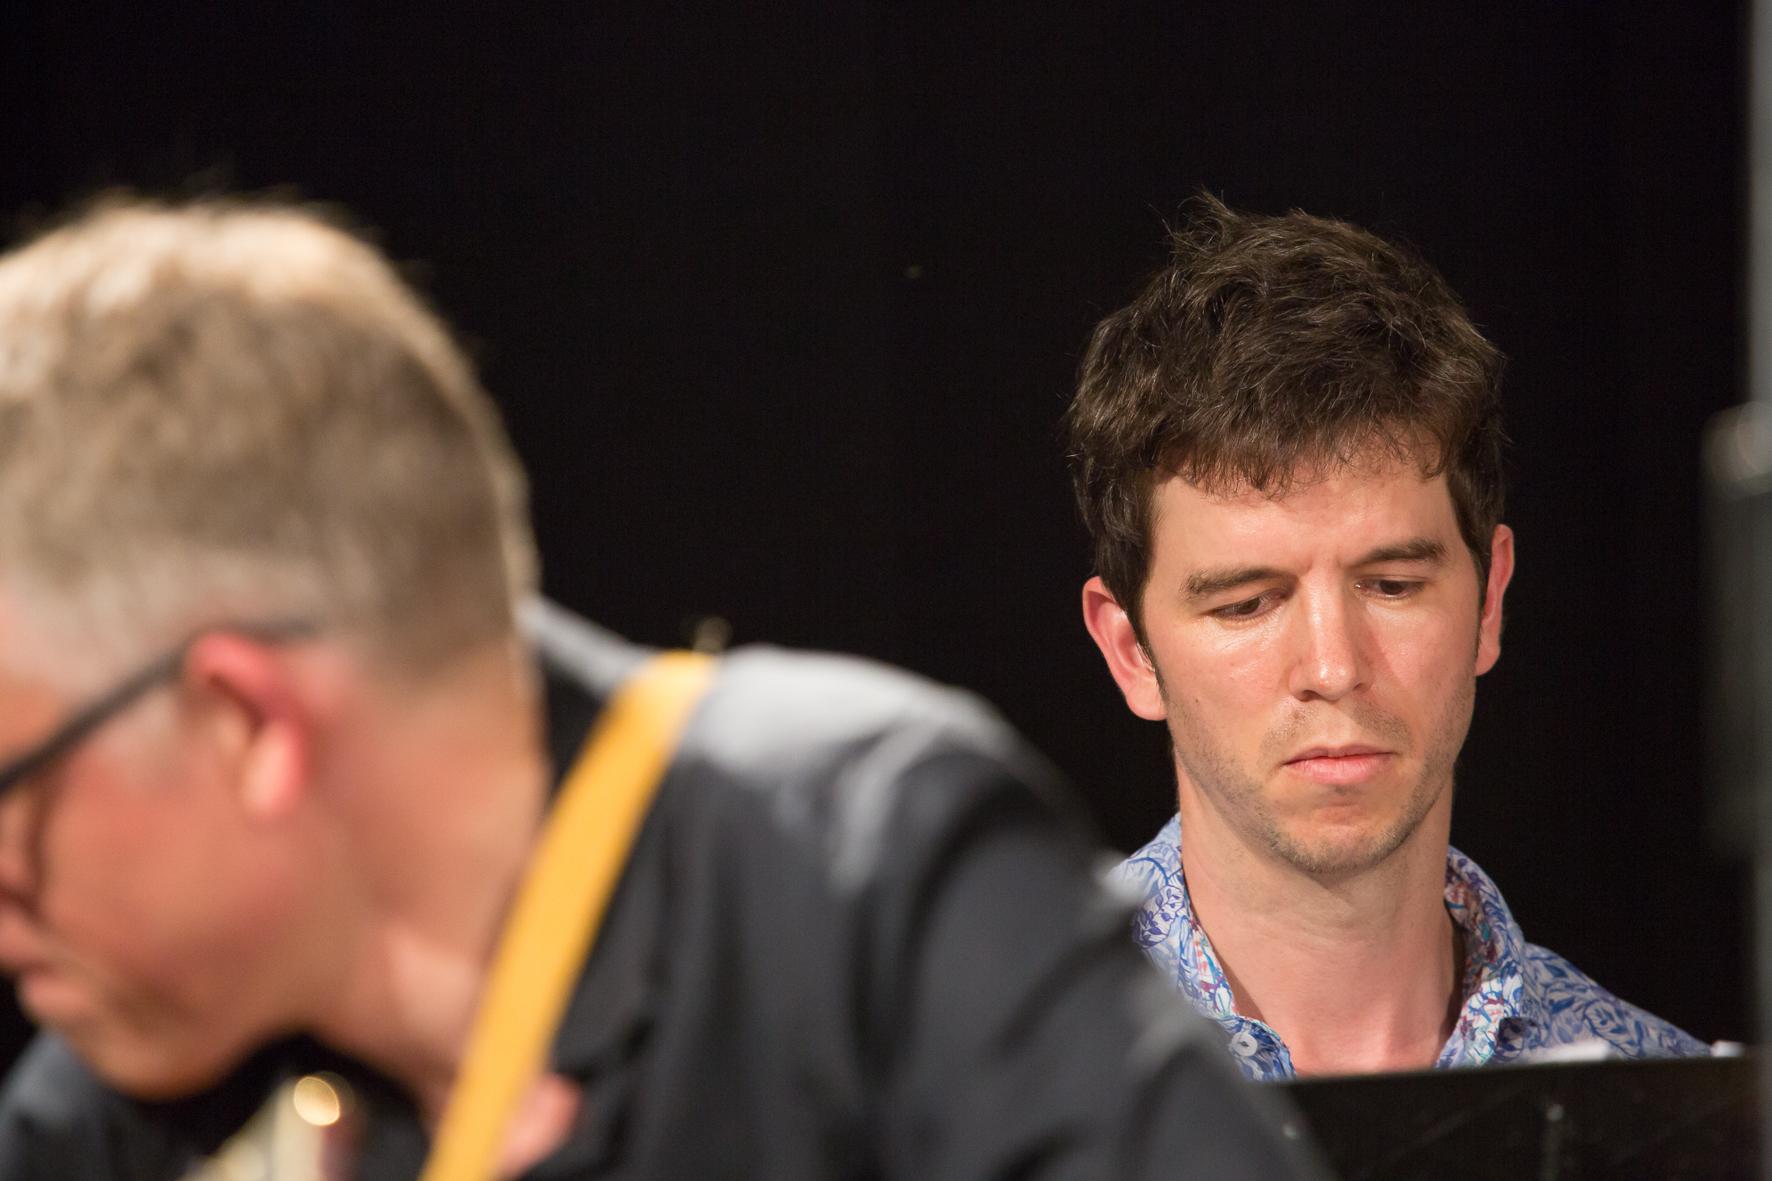 Eike Wulffmeier, Klavier